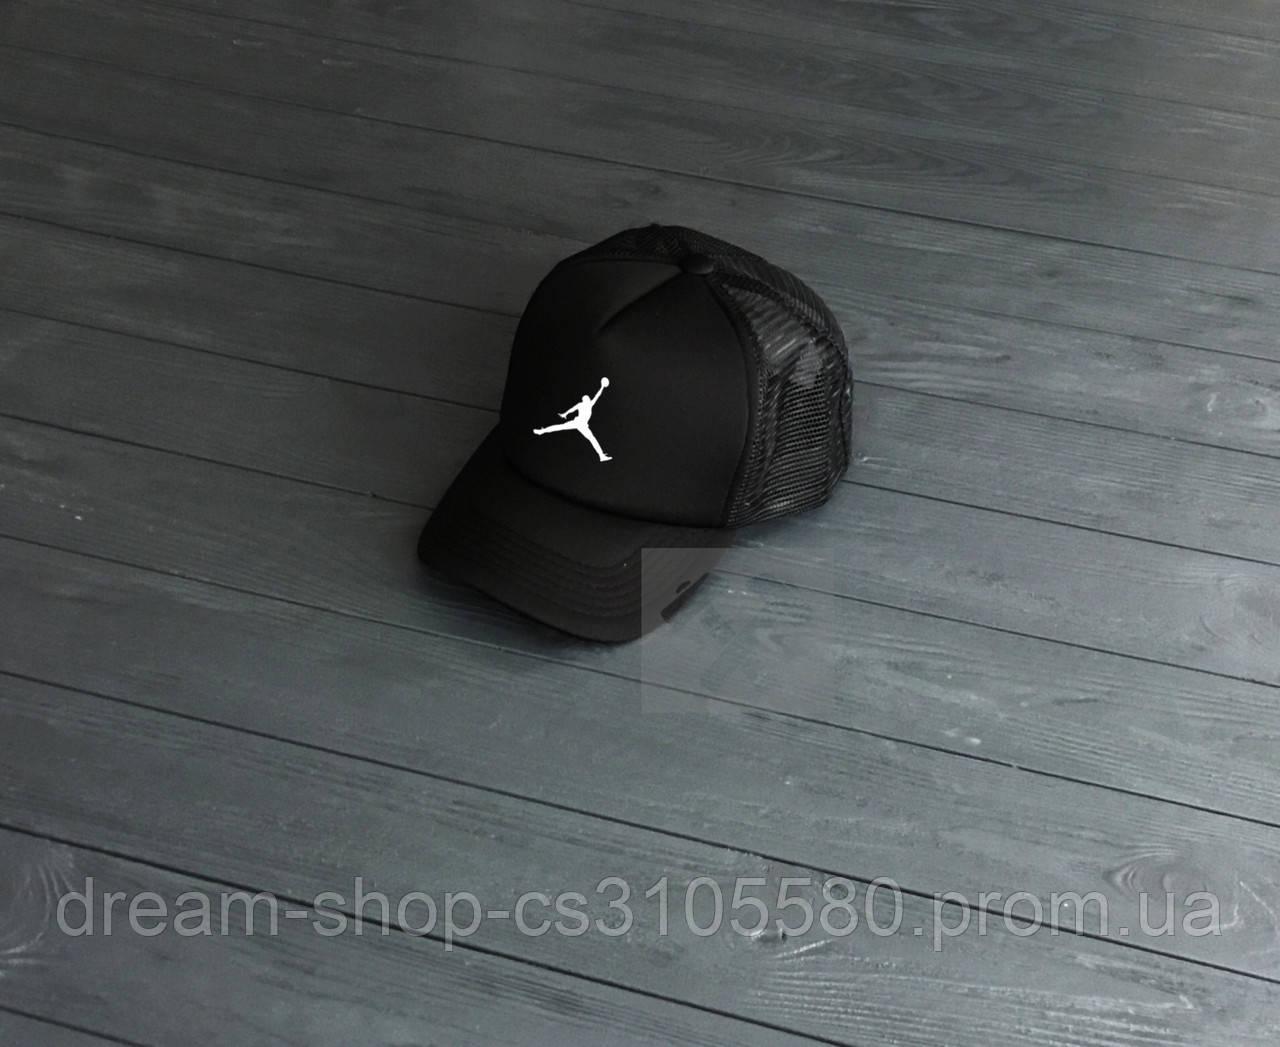 Мужская кепка из сеткой Джордан, летняя кепка Jordan